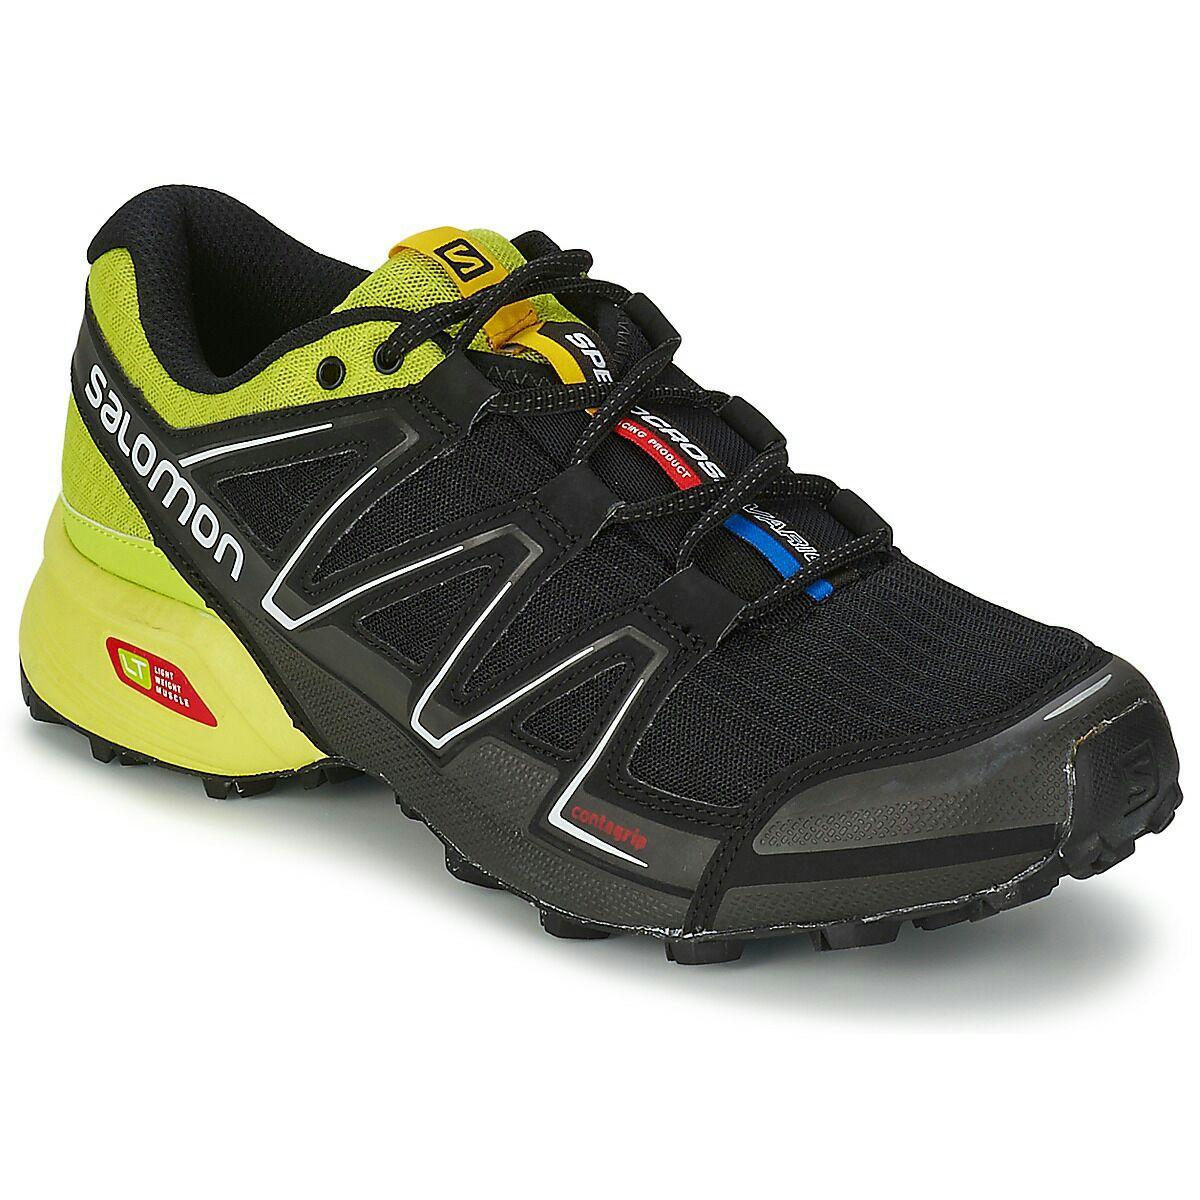 Chaussures de Trail Running Salomon Speedcross Vario Homme